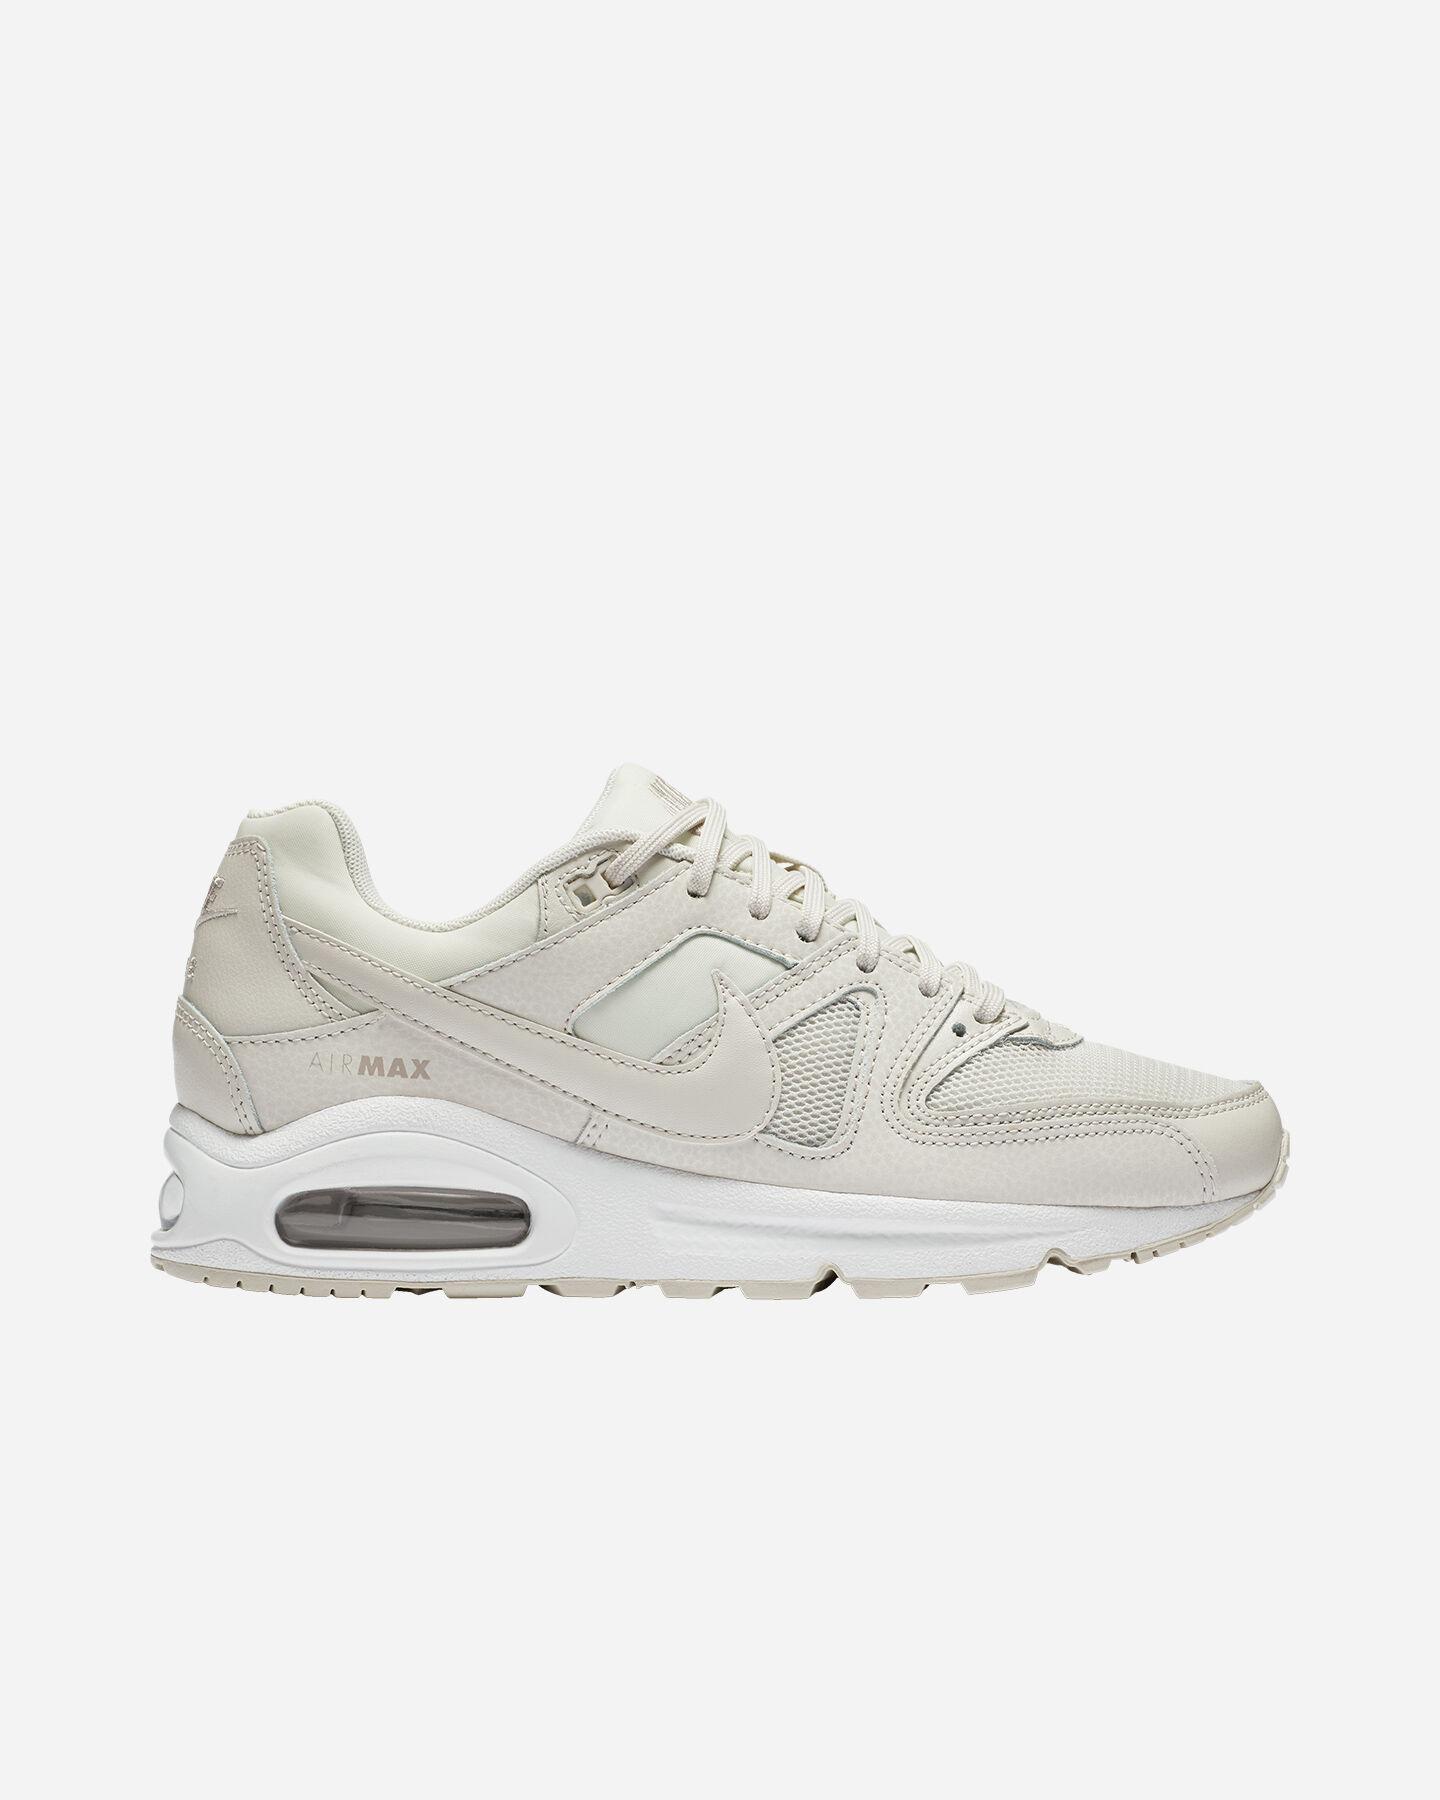 Cisalfa Max Nike 397690 Su W Command Sport Air 018Scarpe Sneakers TOZiukPX